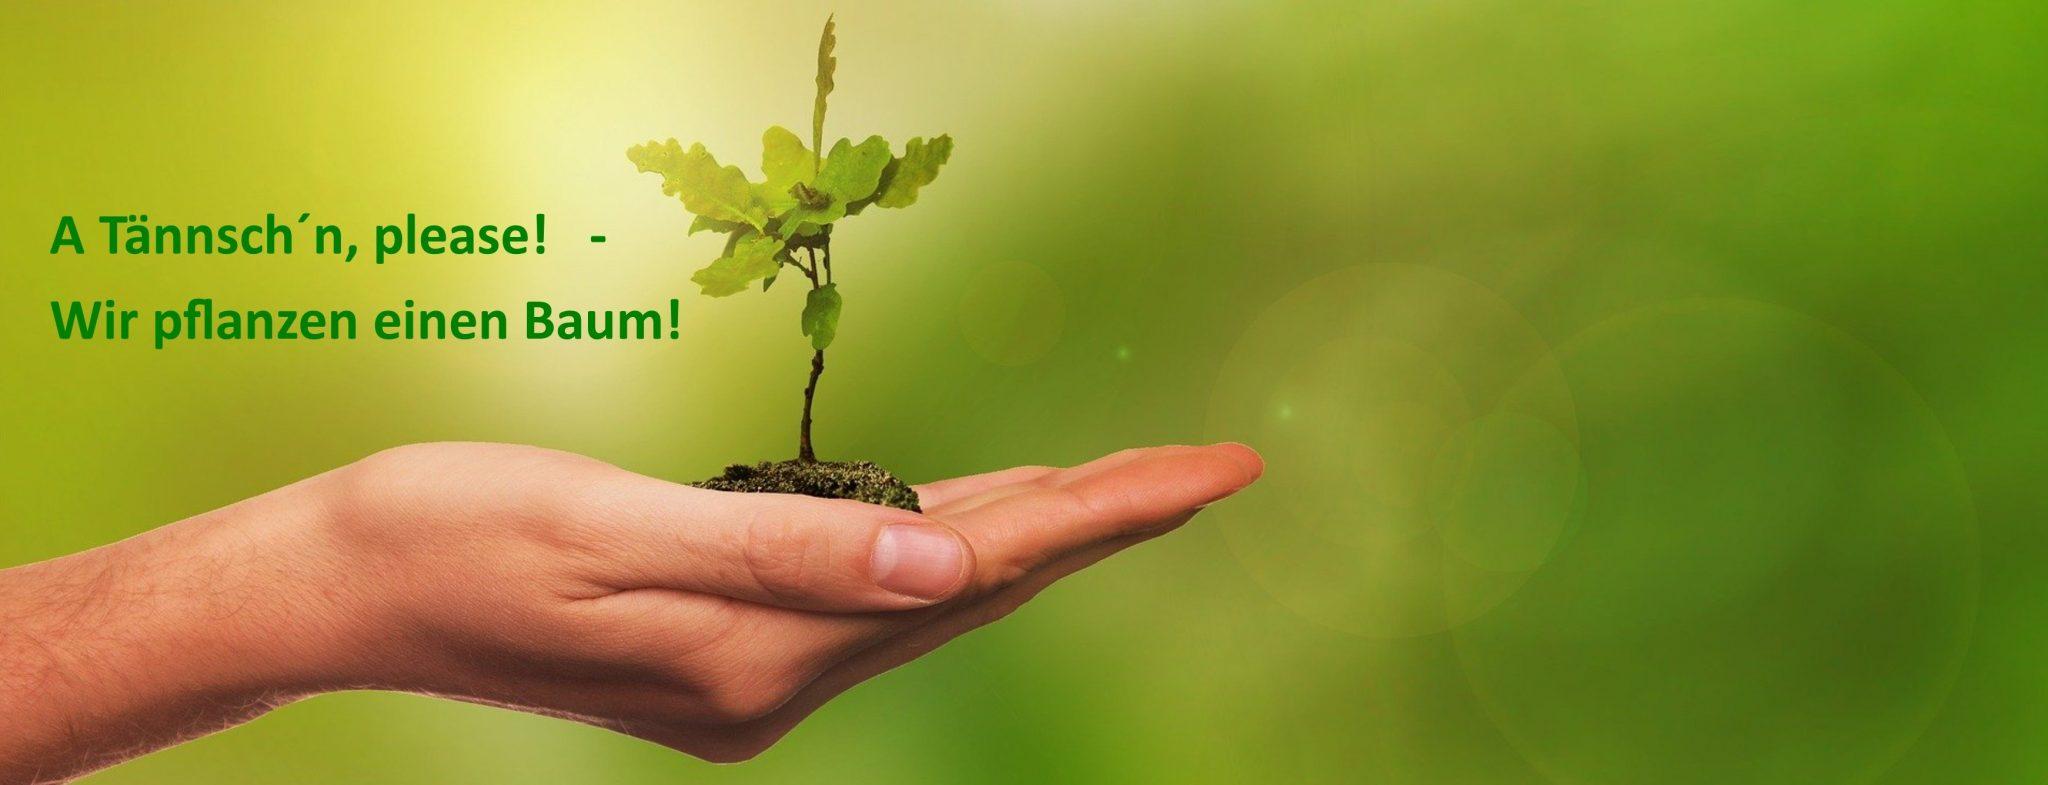 Neuer Termin für die Brunner Baumpflanz-Aktion